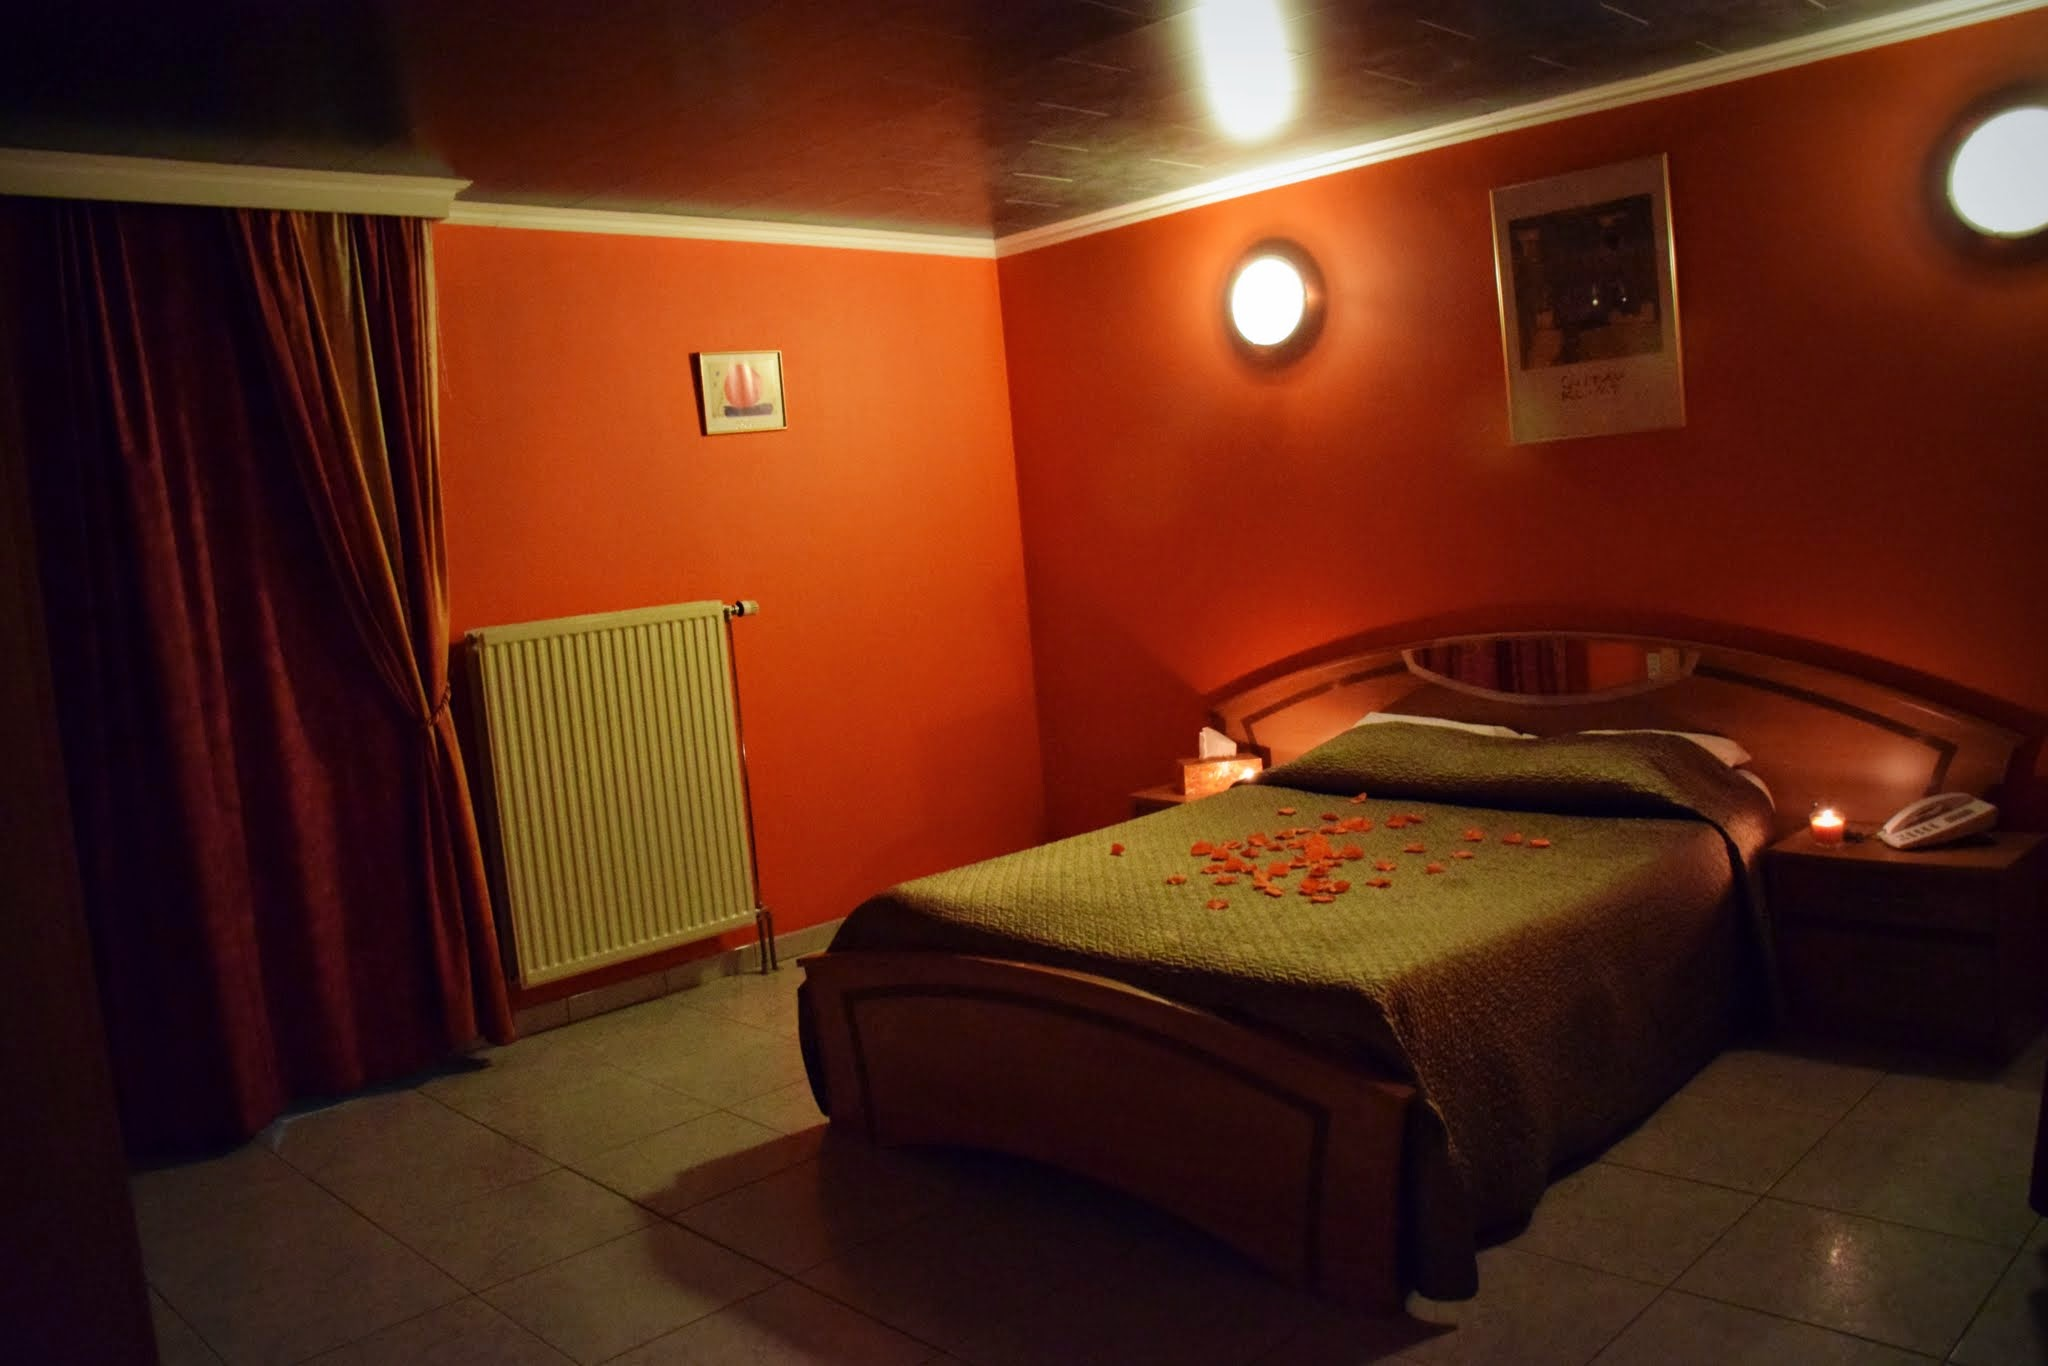 Hotel de jour le secret d 39 alc ve chambres l 39 heure pas cher - Chambre d hotel a l heure ...